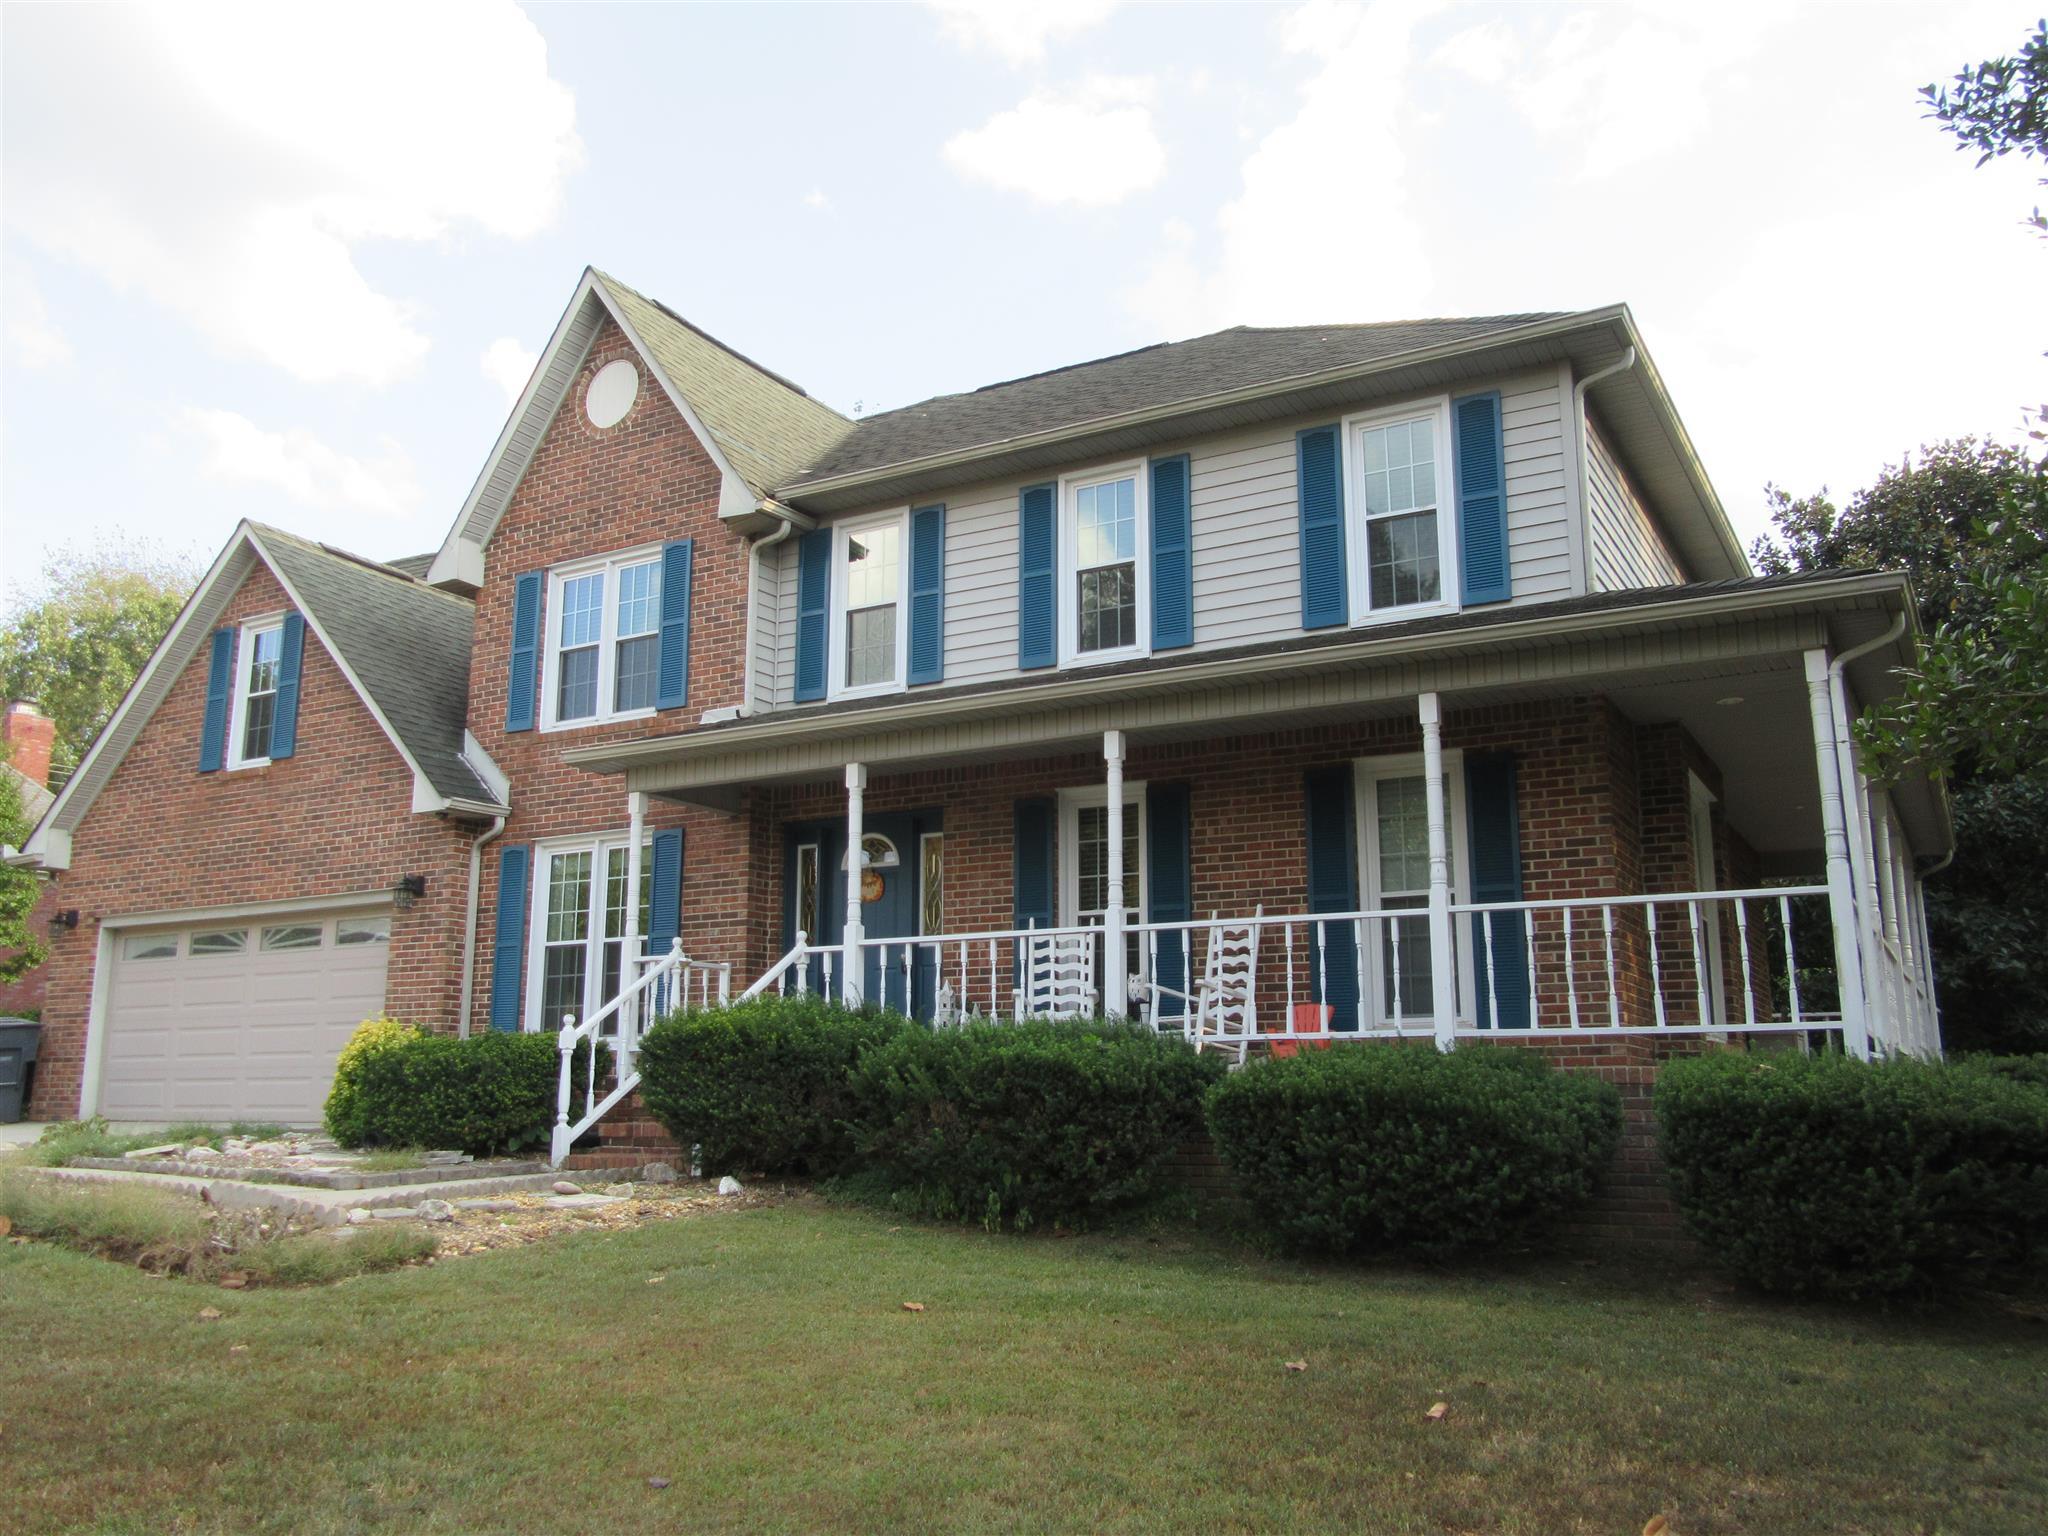 87 Travis Trl, Mc Minnville, TN 37110 - Mc Minnville, TN real estate listing